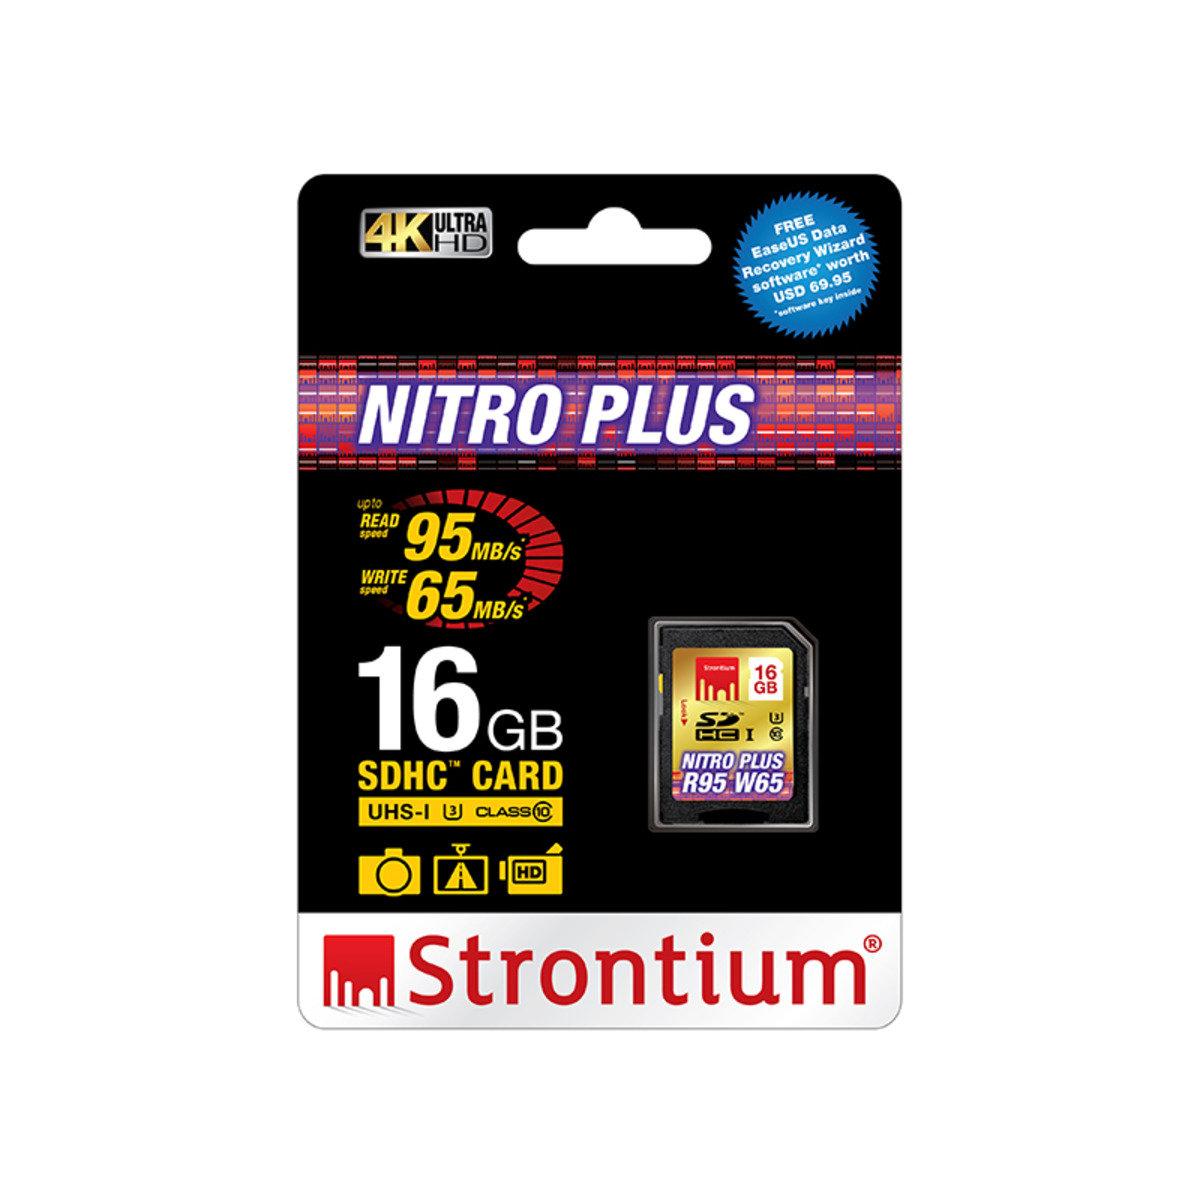 NITRO PLUS 16GB UHS-1 (U3) Class 10 SD SDHC 超高速4K專用記憶卡